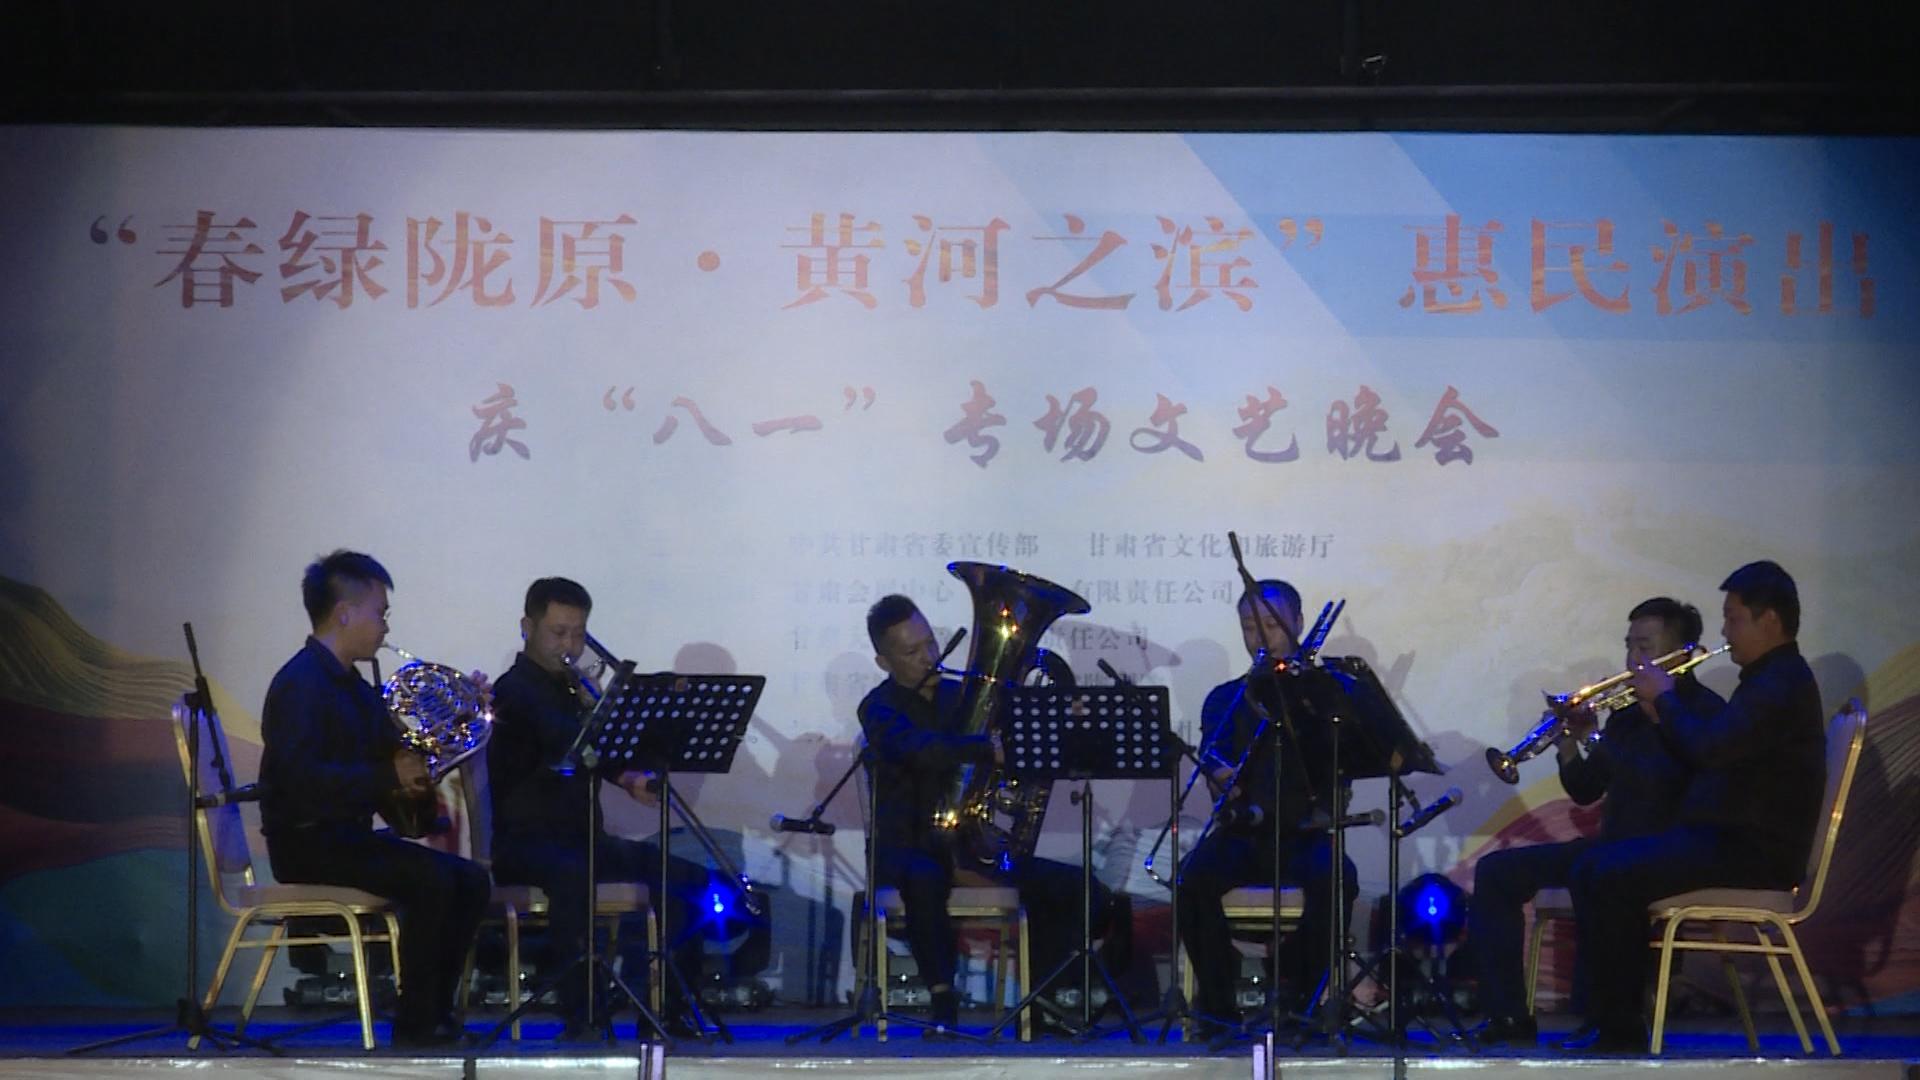 铜管重奏串烧《钢铁洪流》《中国军魂》